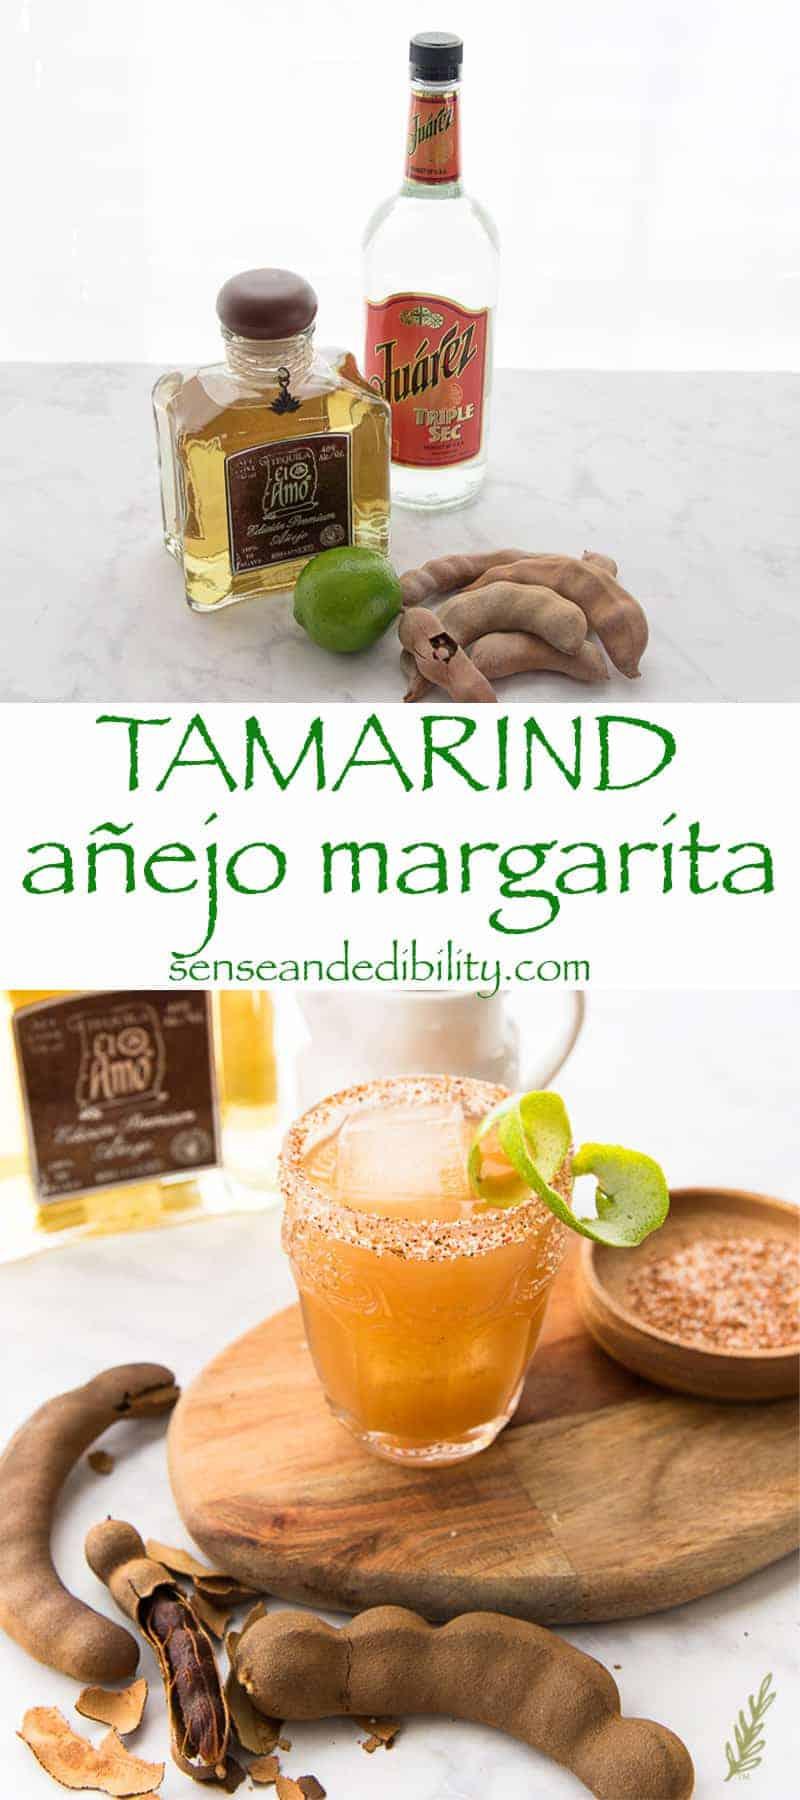 Top image ingredients for tamarind margarita, bottom image finished margarita